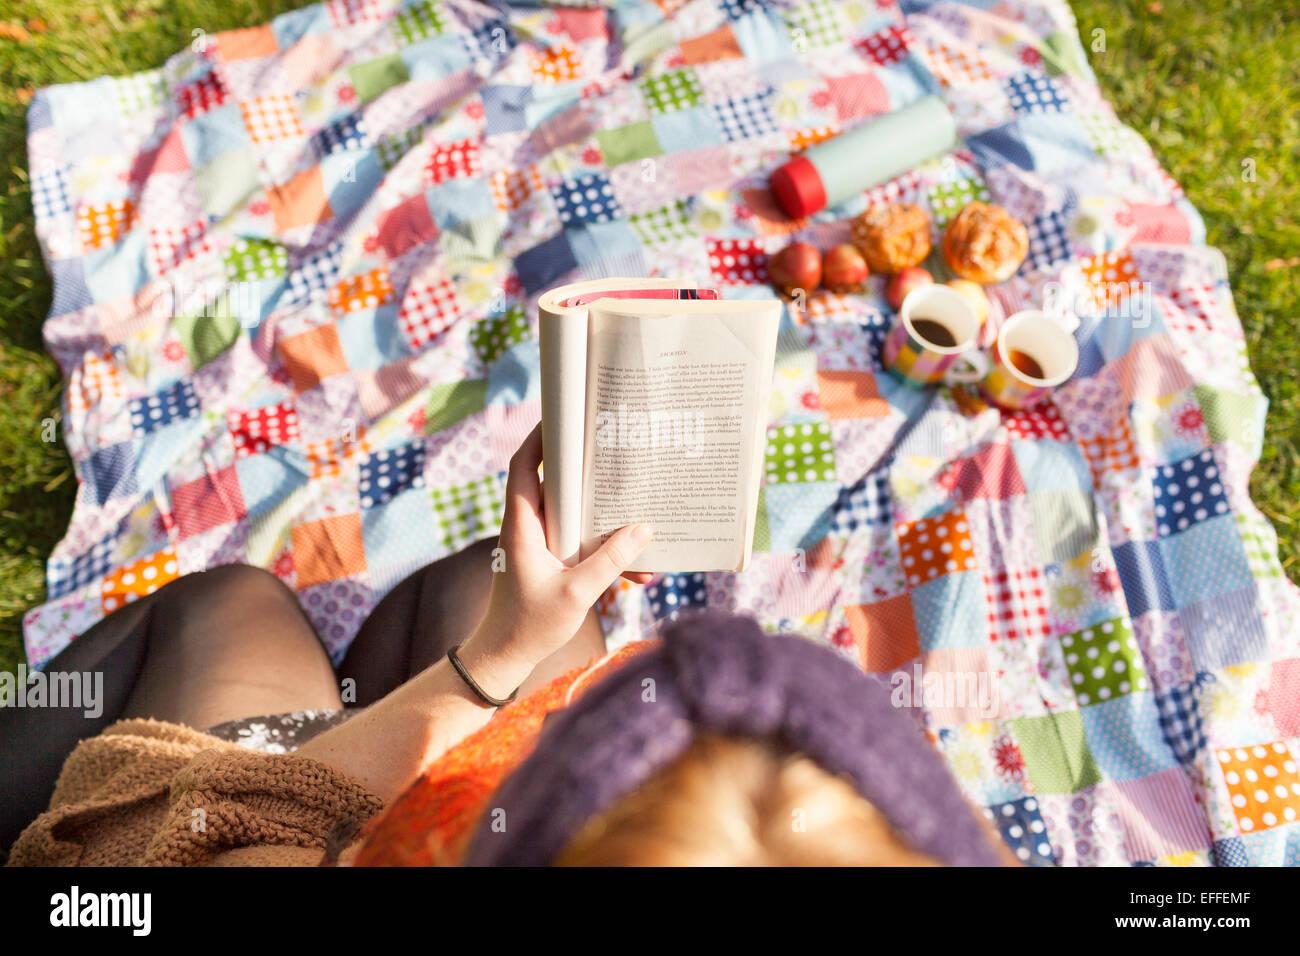 Un alto ángulo de vista de joven libro de lectura en manta para picnic Imagen De Stock